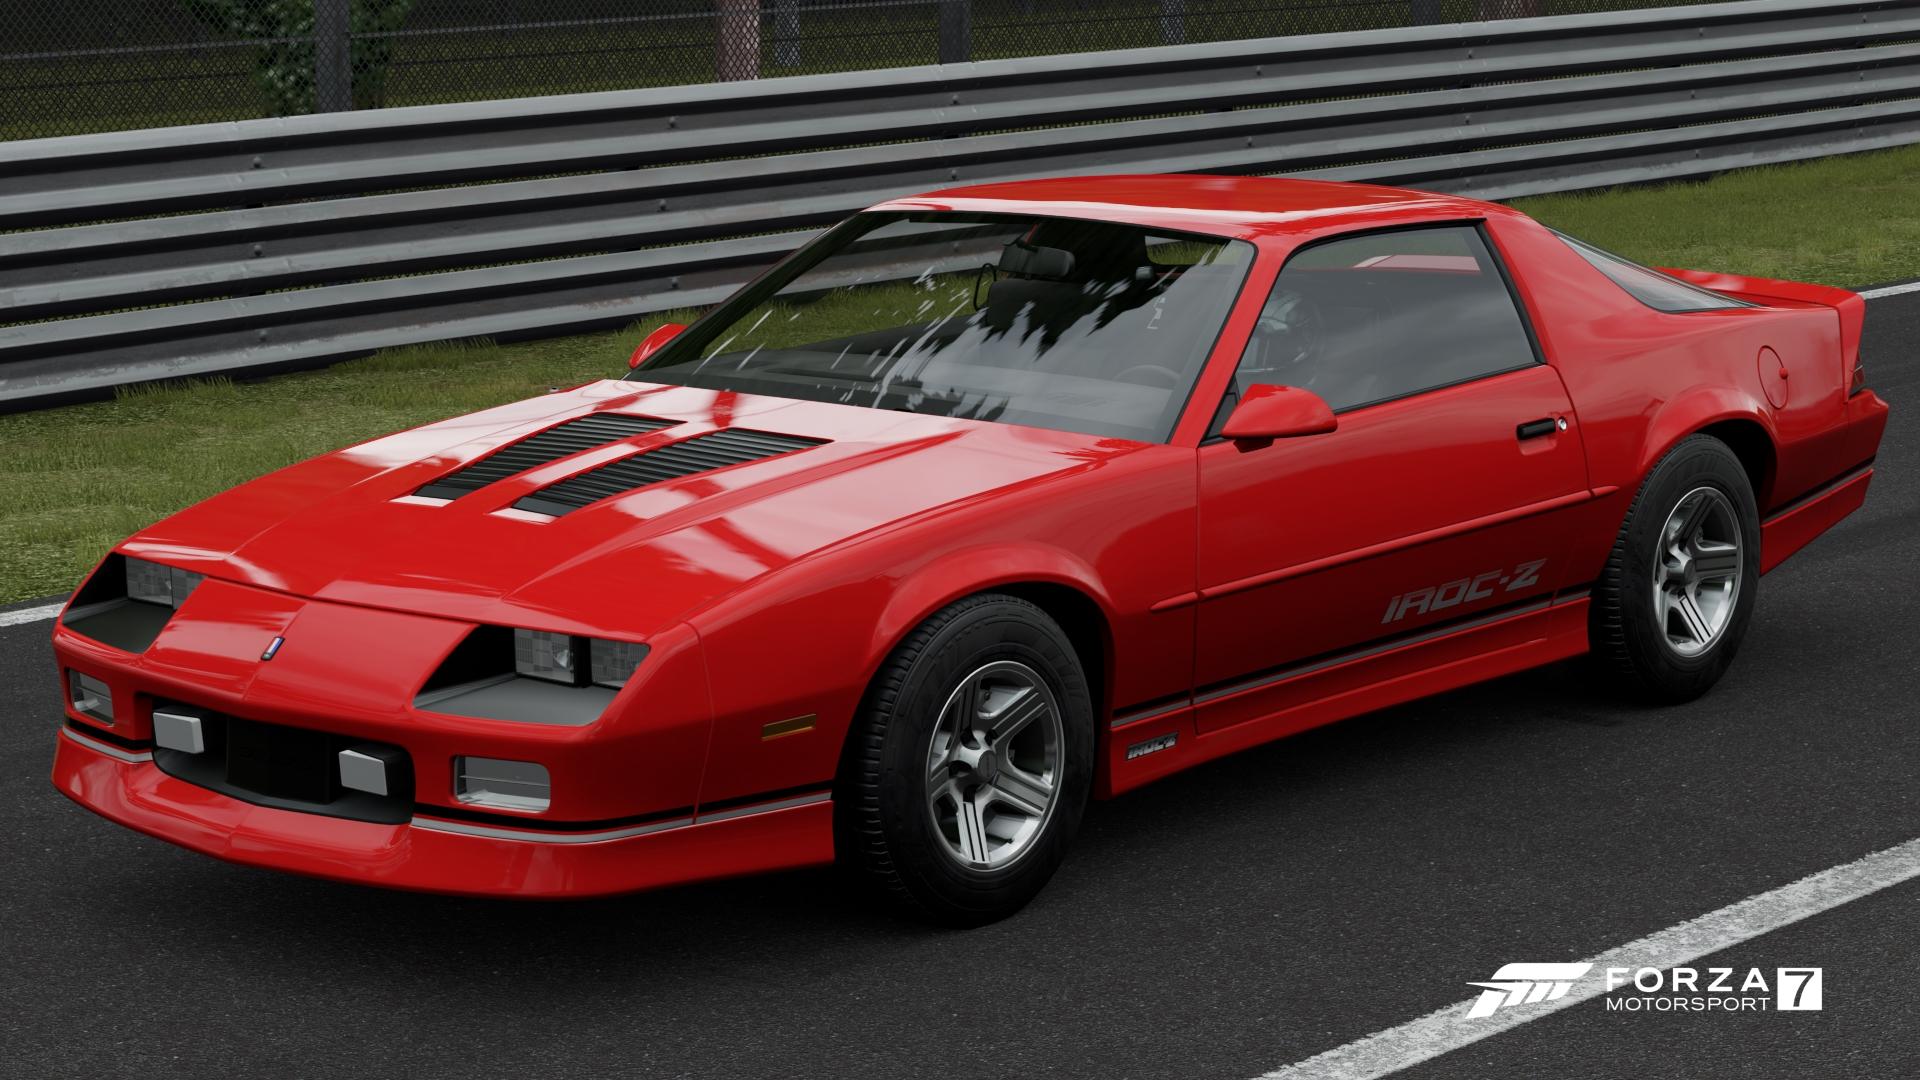 Chevrolet Camaro IROC Z Forza Motorsport Wiki FANDOM powered 1920x1080